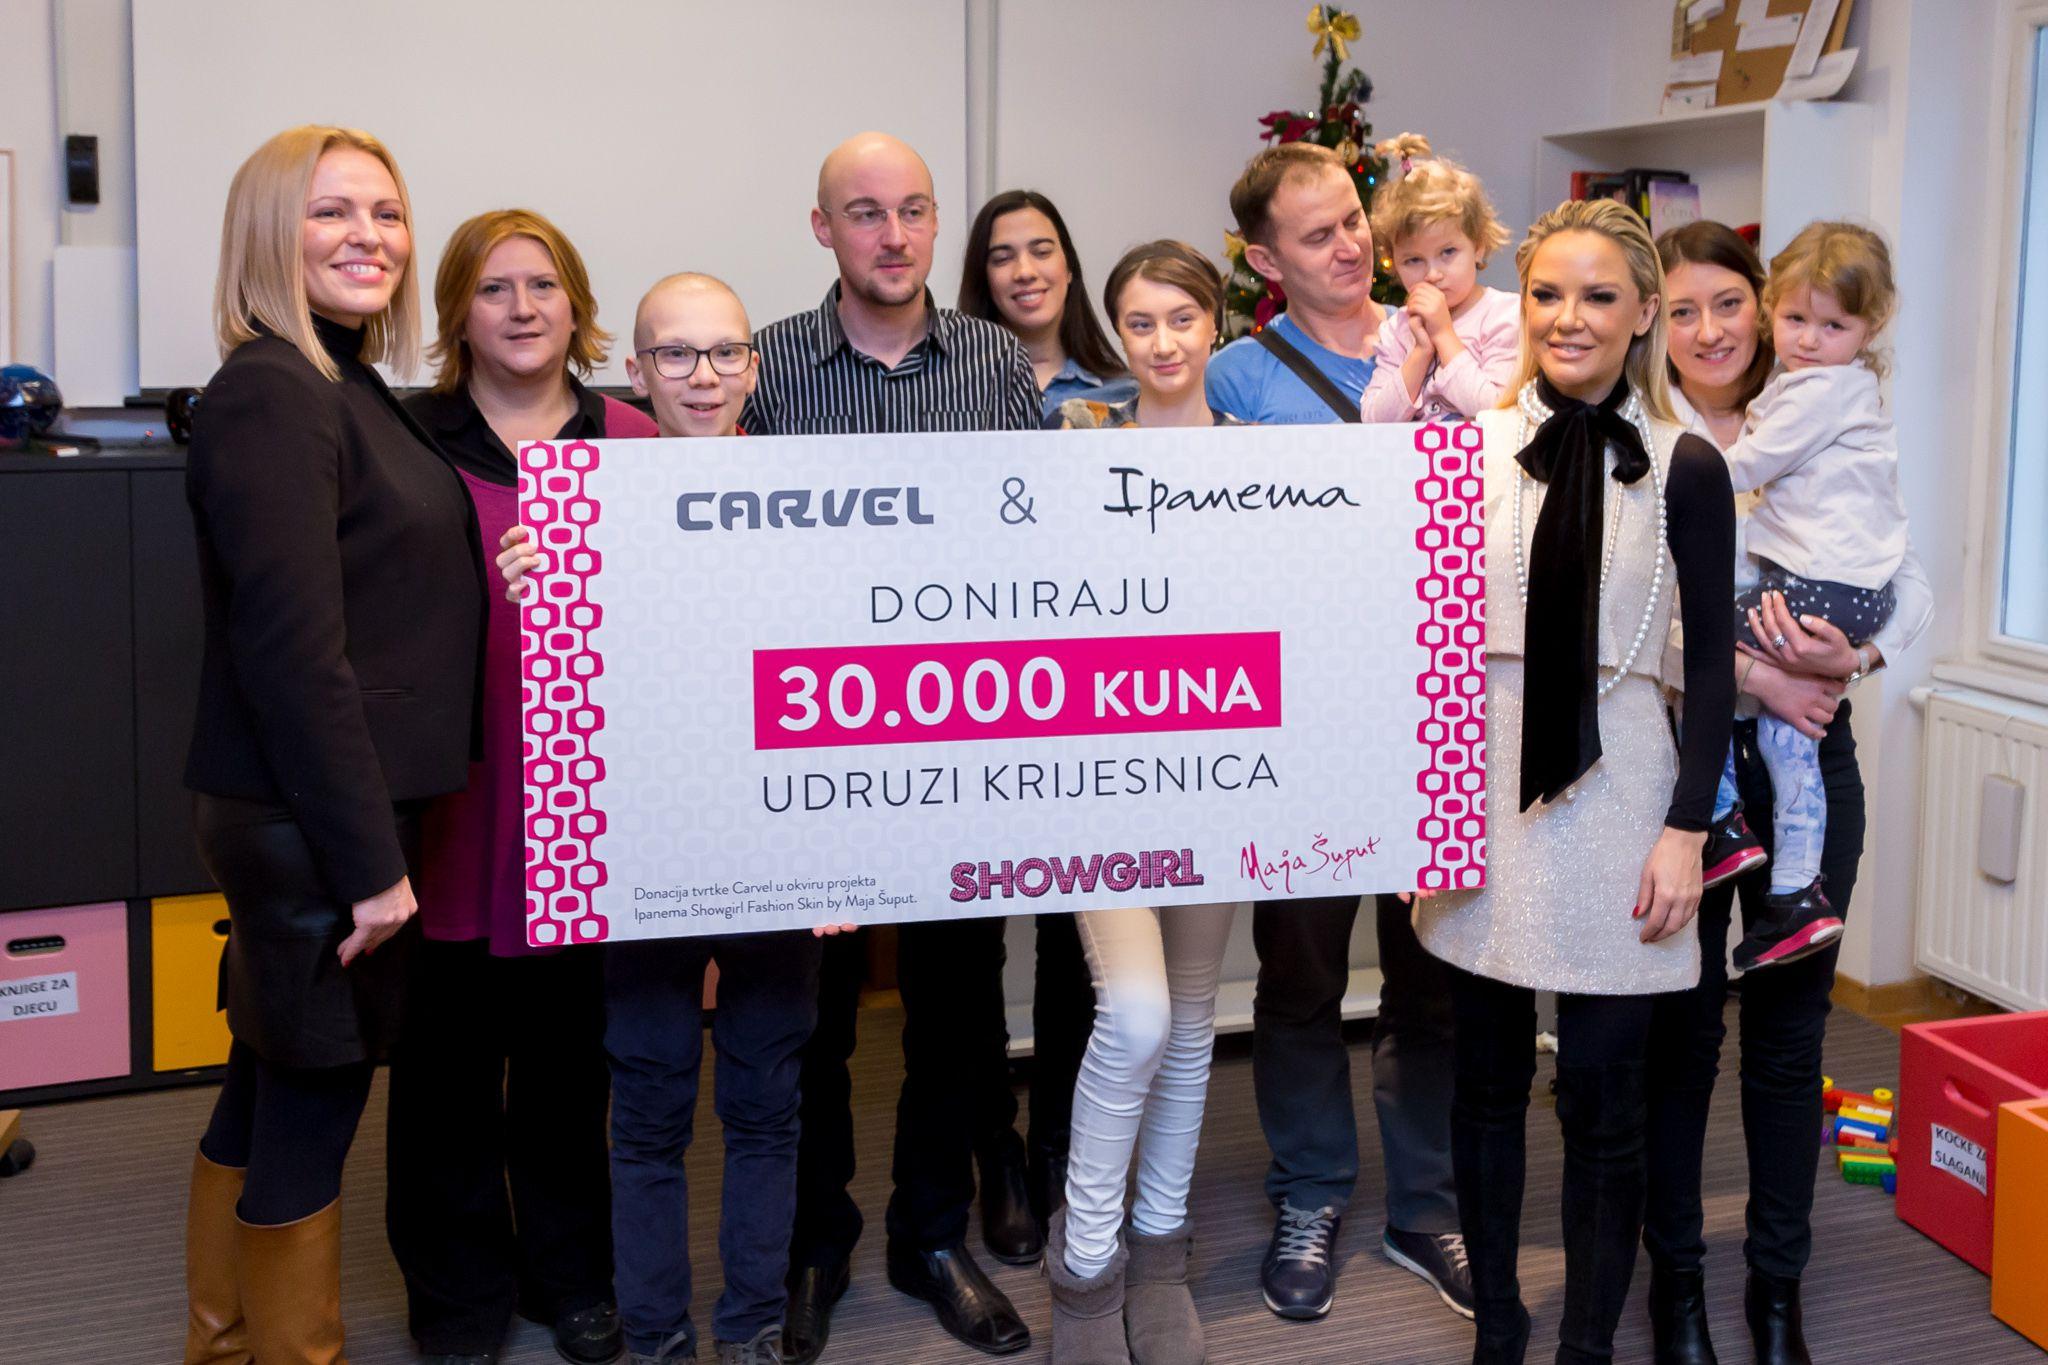 Carvel i Maja Šuput uručili 30.000 kuna Udruzi Krijesnica